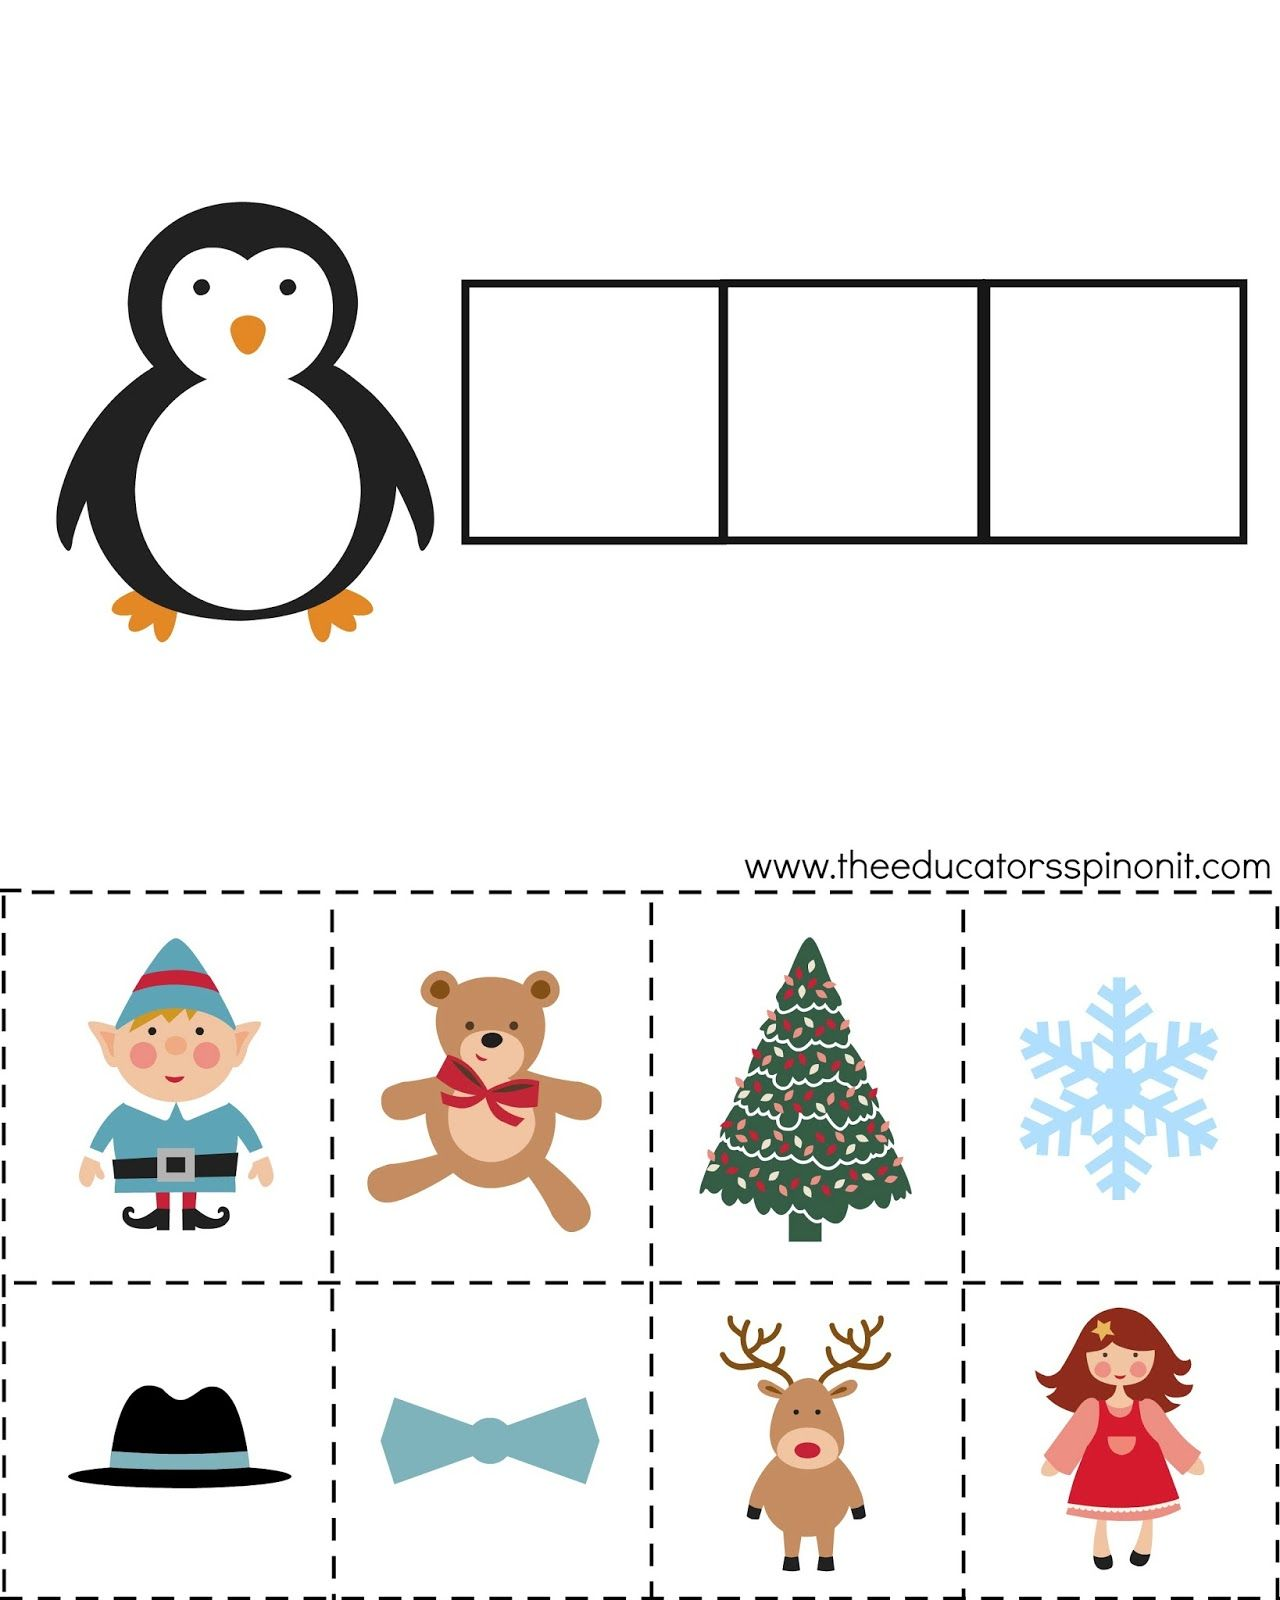 Worksheets Phonemic Awareness Worksheets For Kindergarten christmas activities for kids phonemic awareness busy bag bag